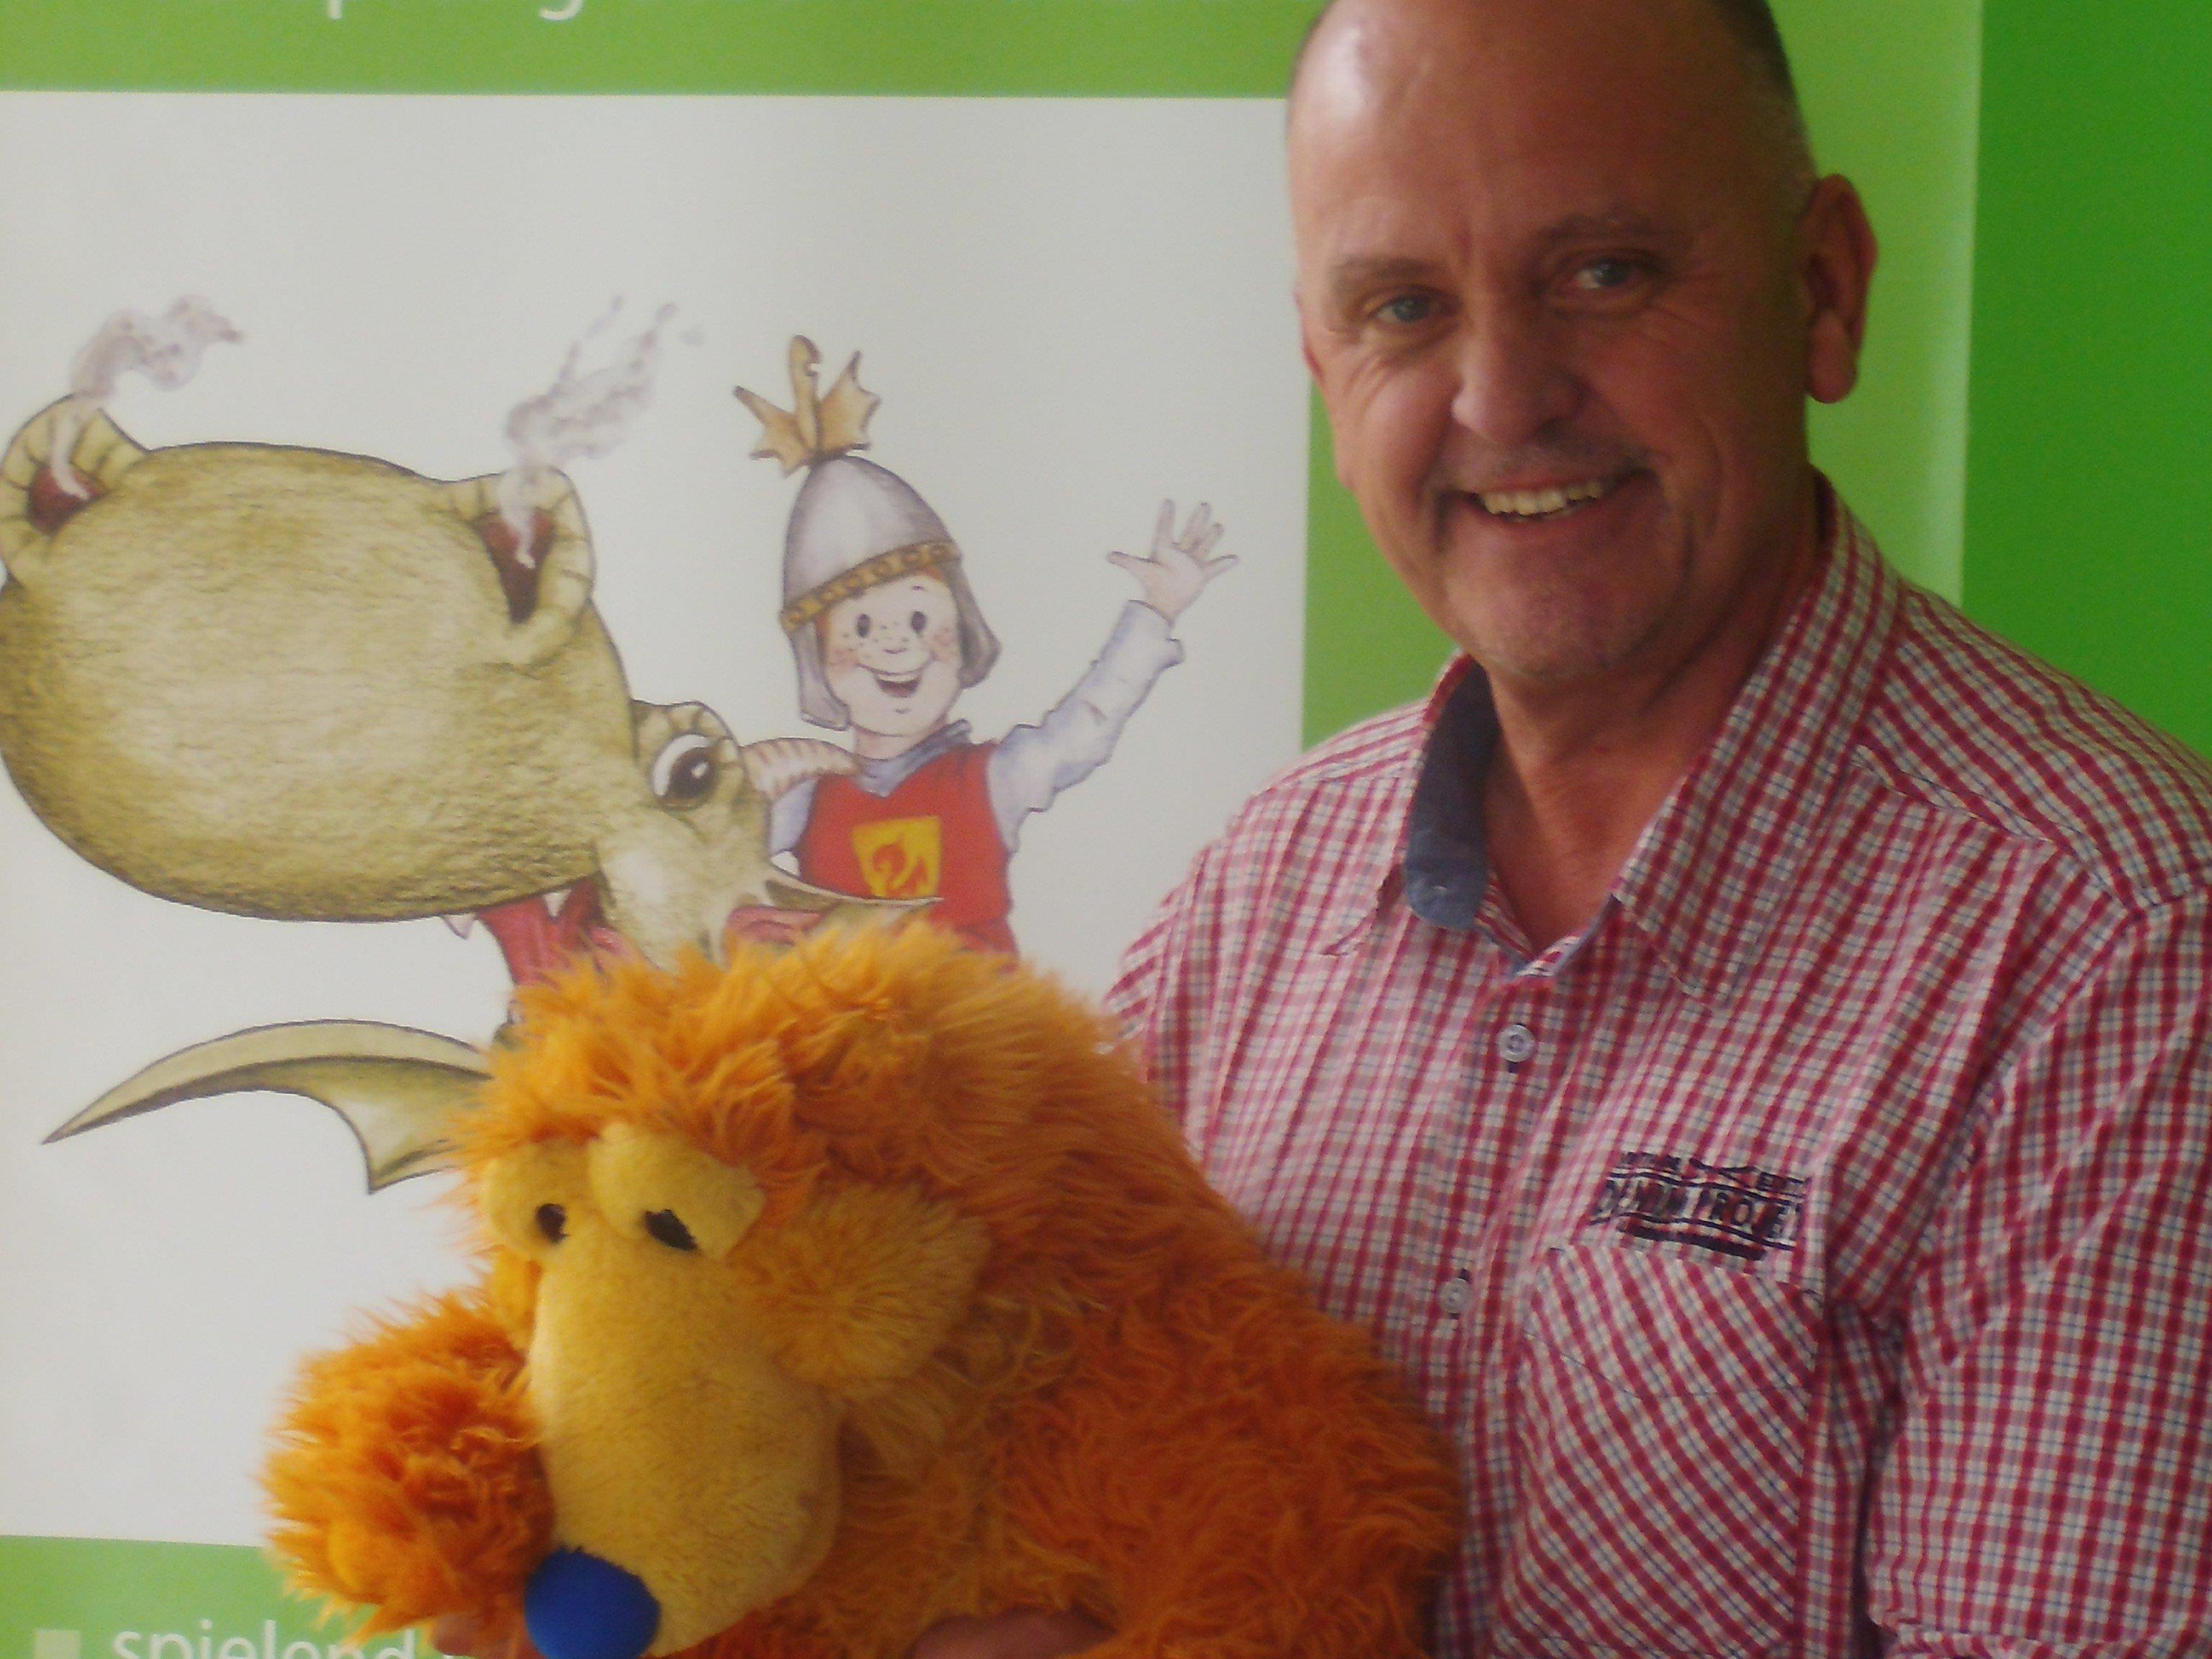 Bild: Alan Grice, Schulleiter und Dozent, mit Henry der Bear